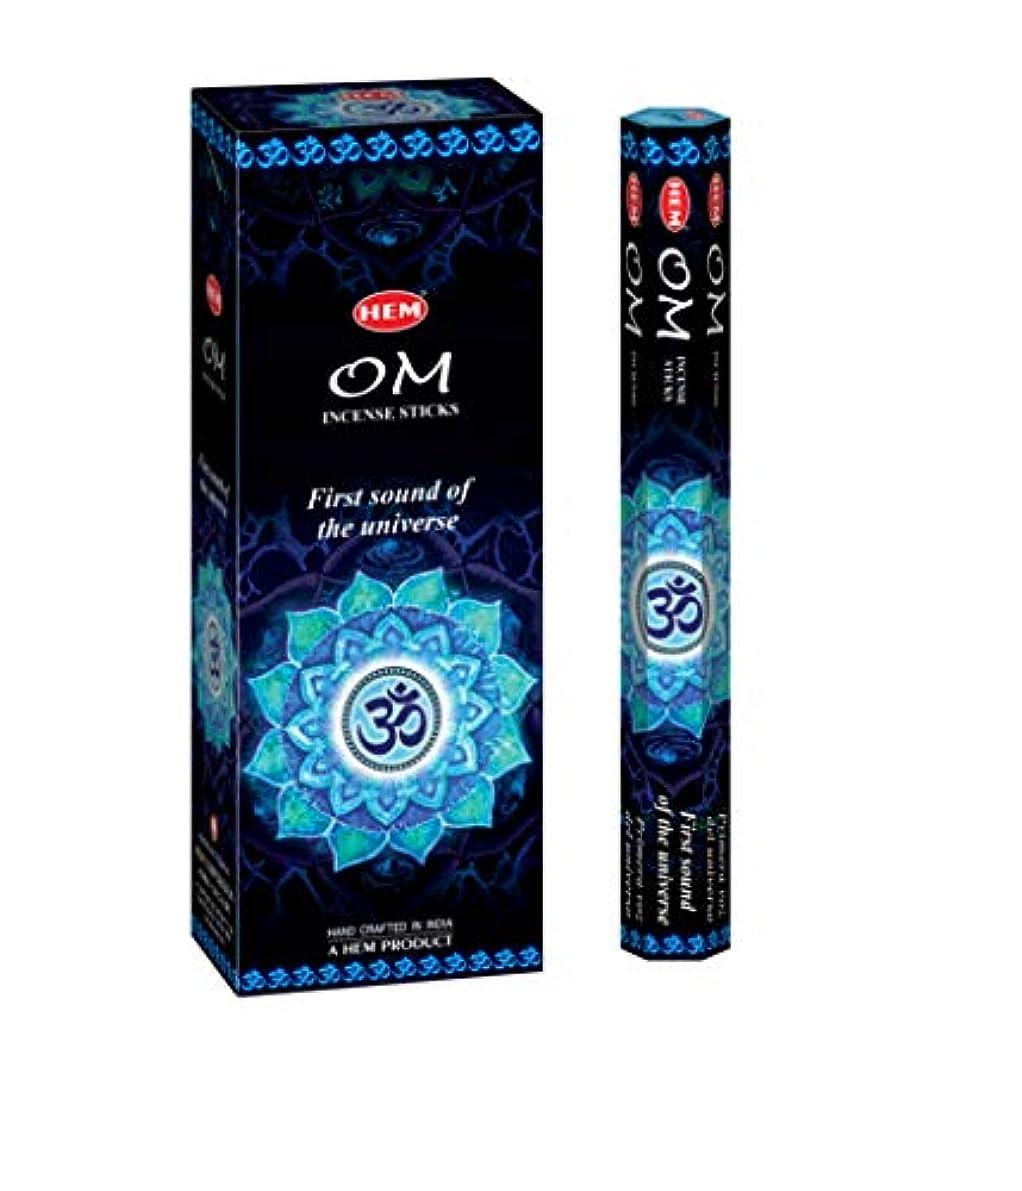 運命的な重量水差し裾incense-om ( 120sticks in aボックス)